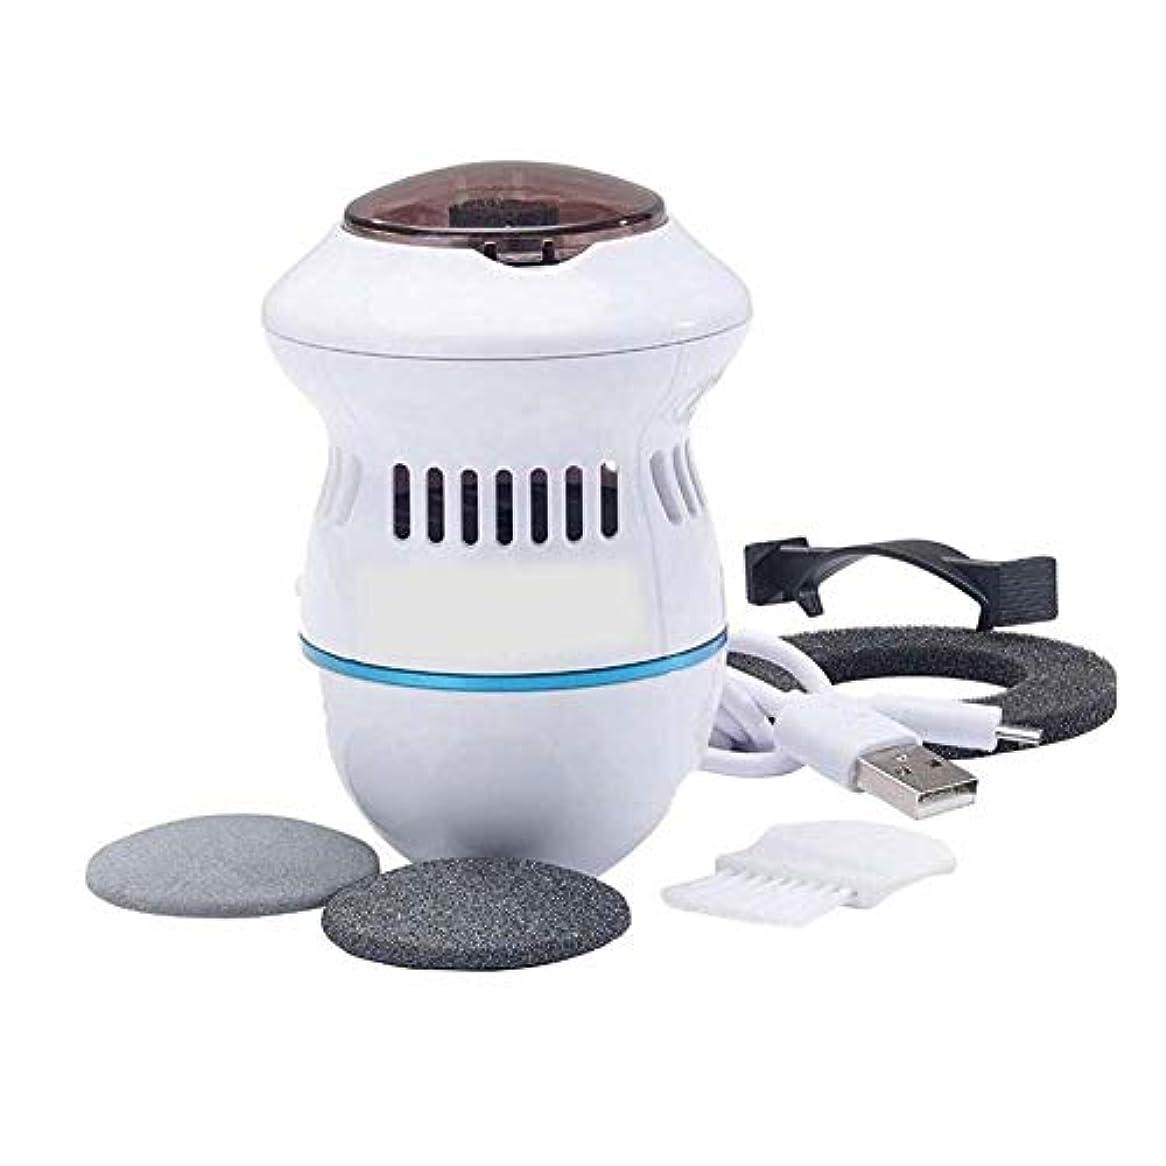 アイザック添加剤ロデオフットファイルとカルスリムーバー内蔵の足と手のための充電式電動電動カルス